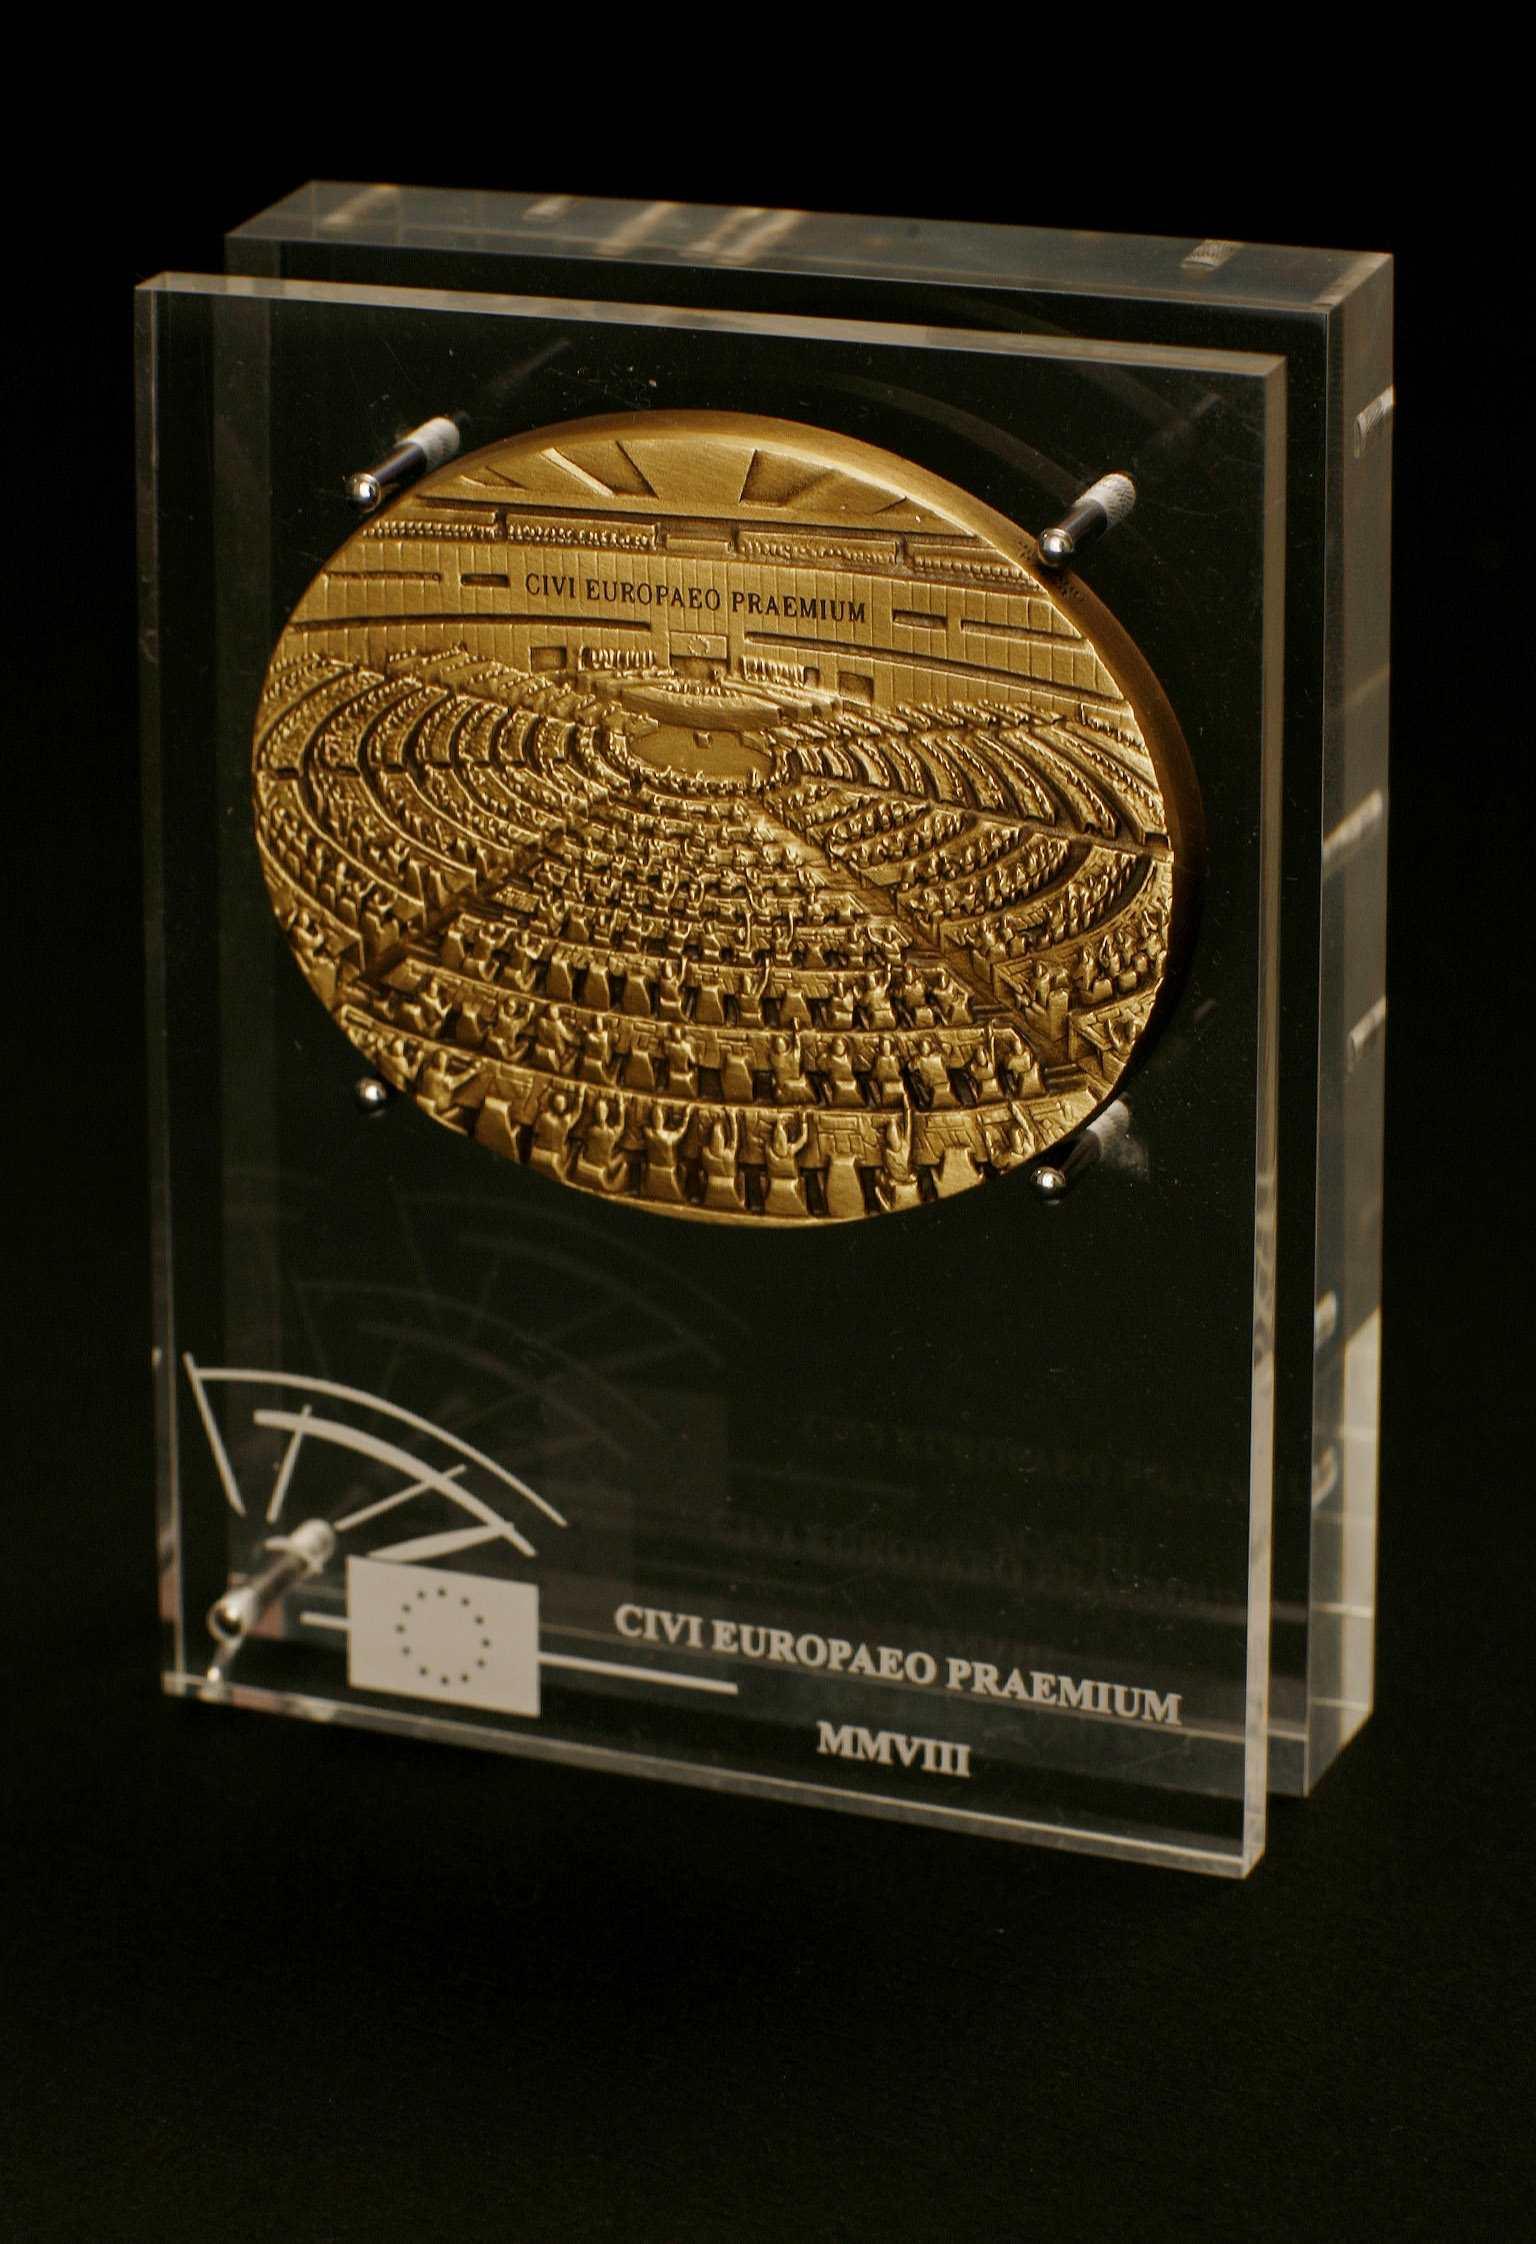 Premio Cittadino europeo 2013